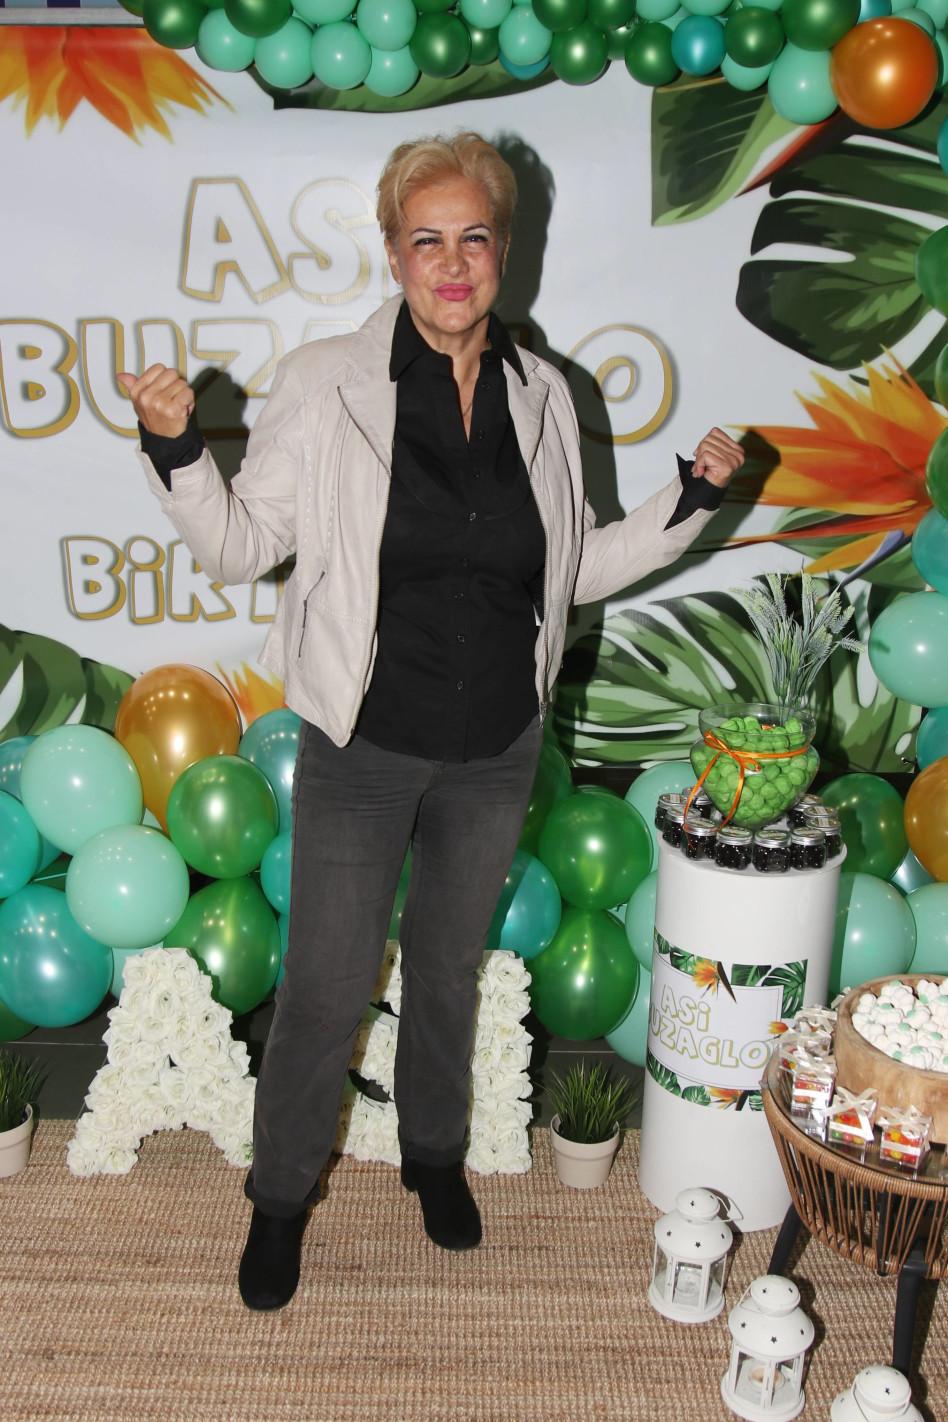 אילנה אביטל הגיעה לחגוג (צילום: אור גפן)